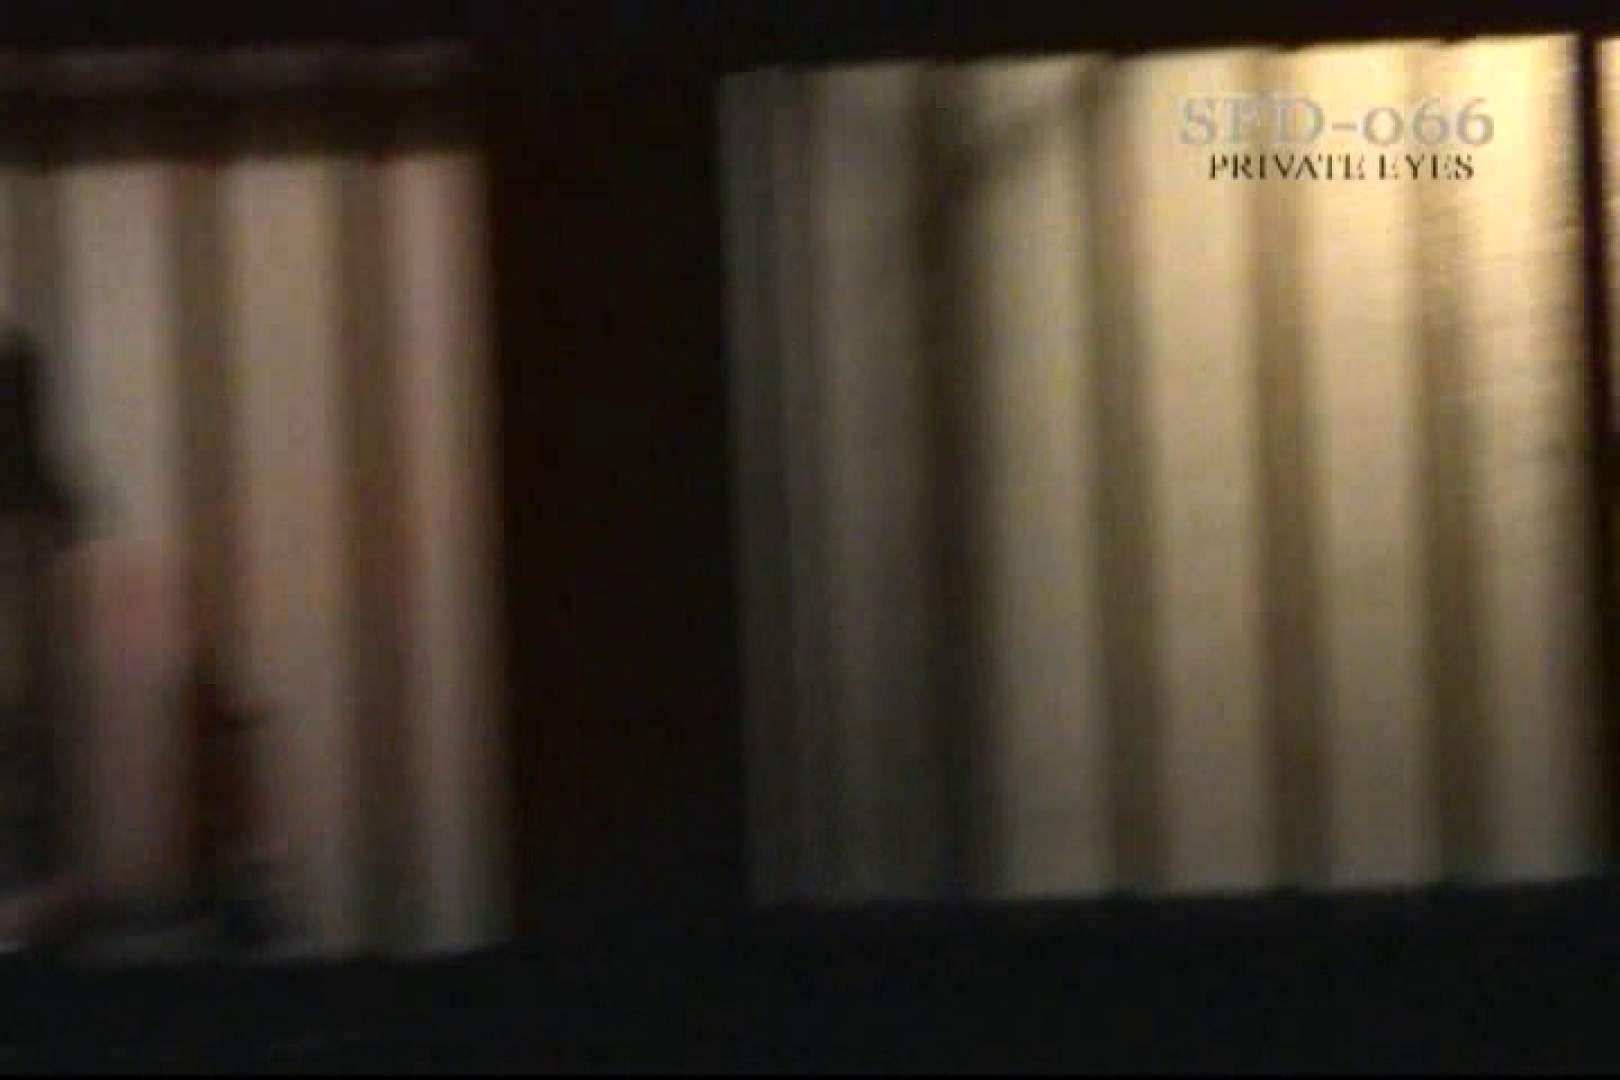 高画質版!SPD-066 3センチメートルの隙間 4 高画質 | 名作  51pic 30